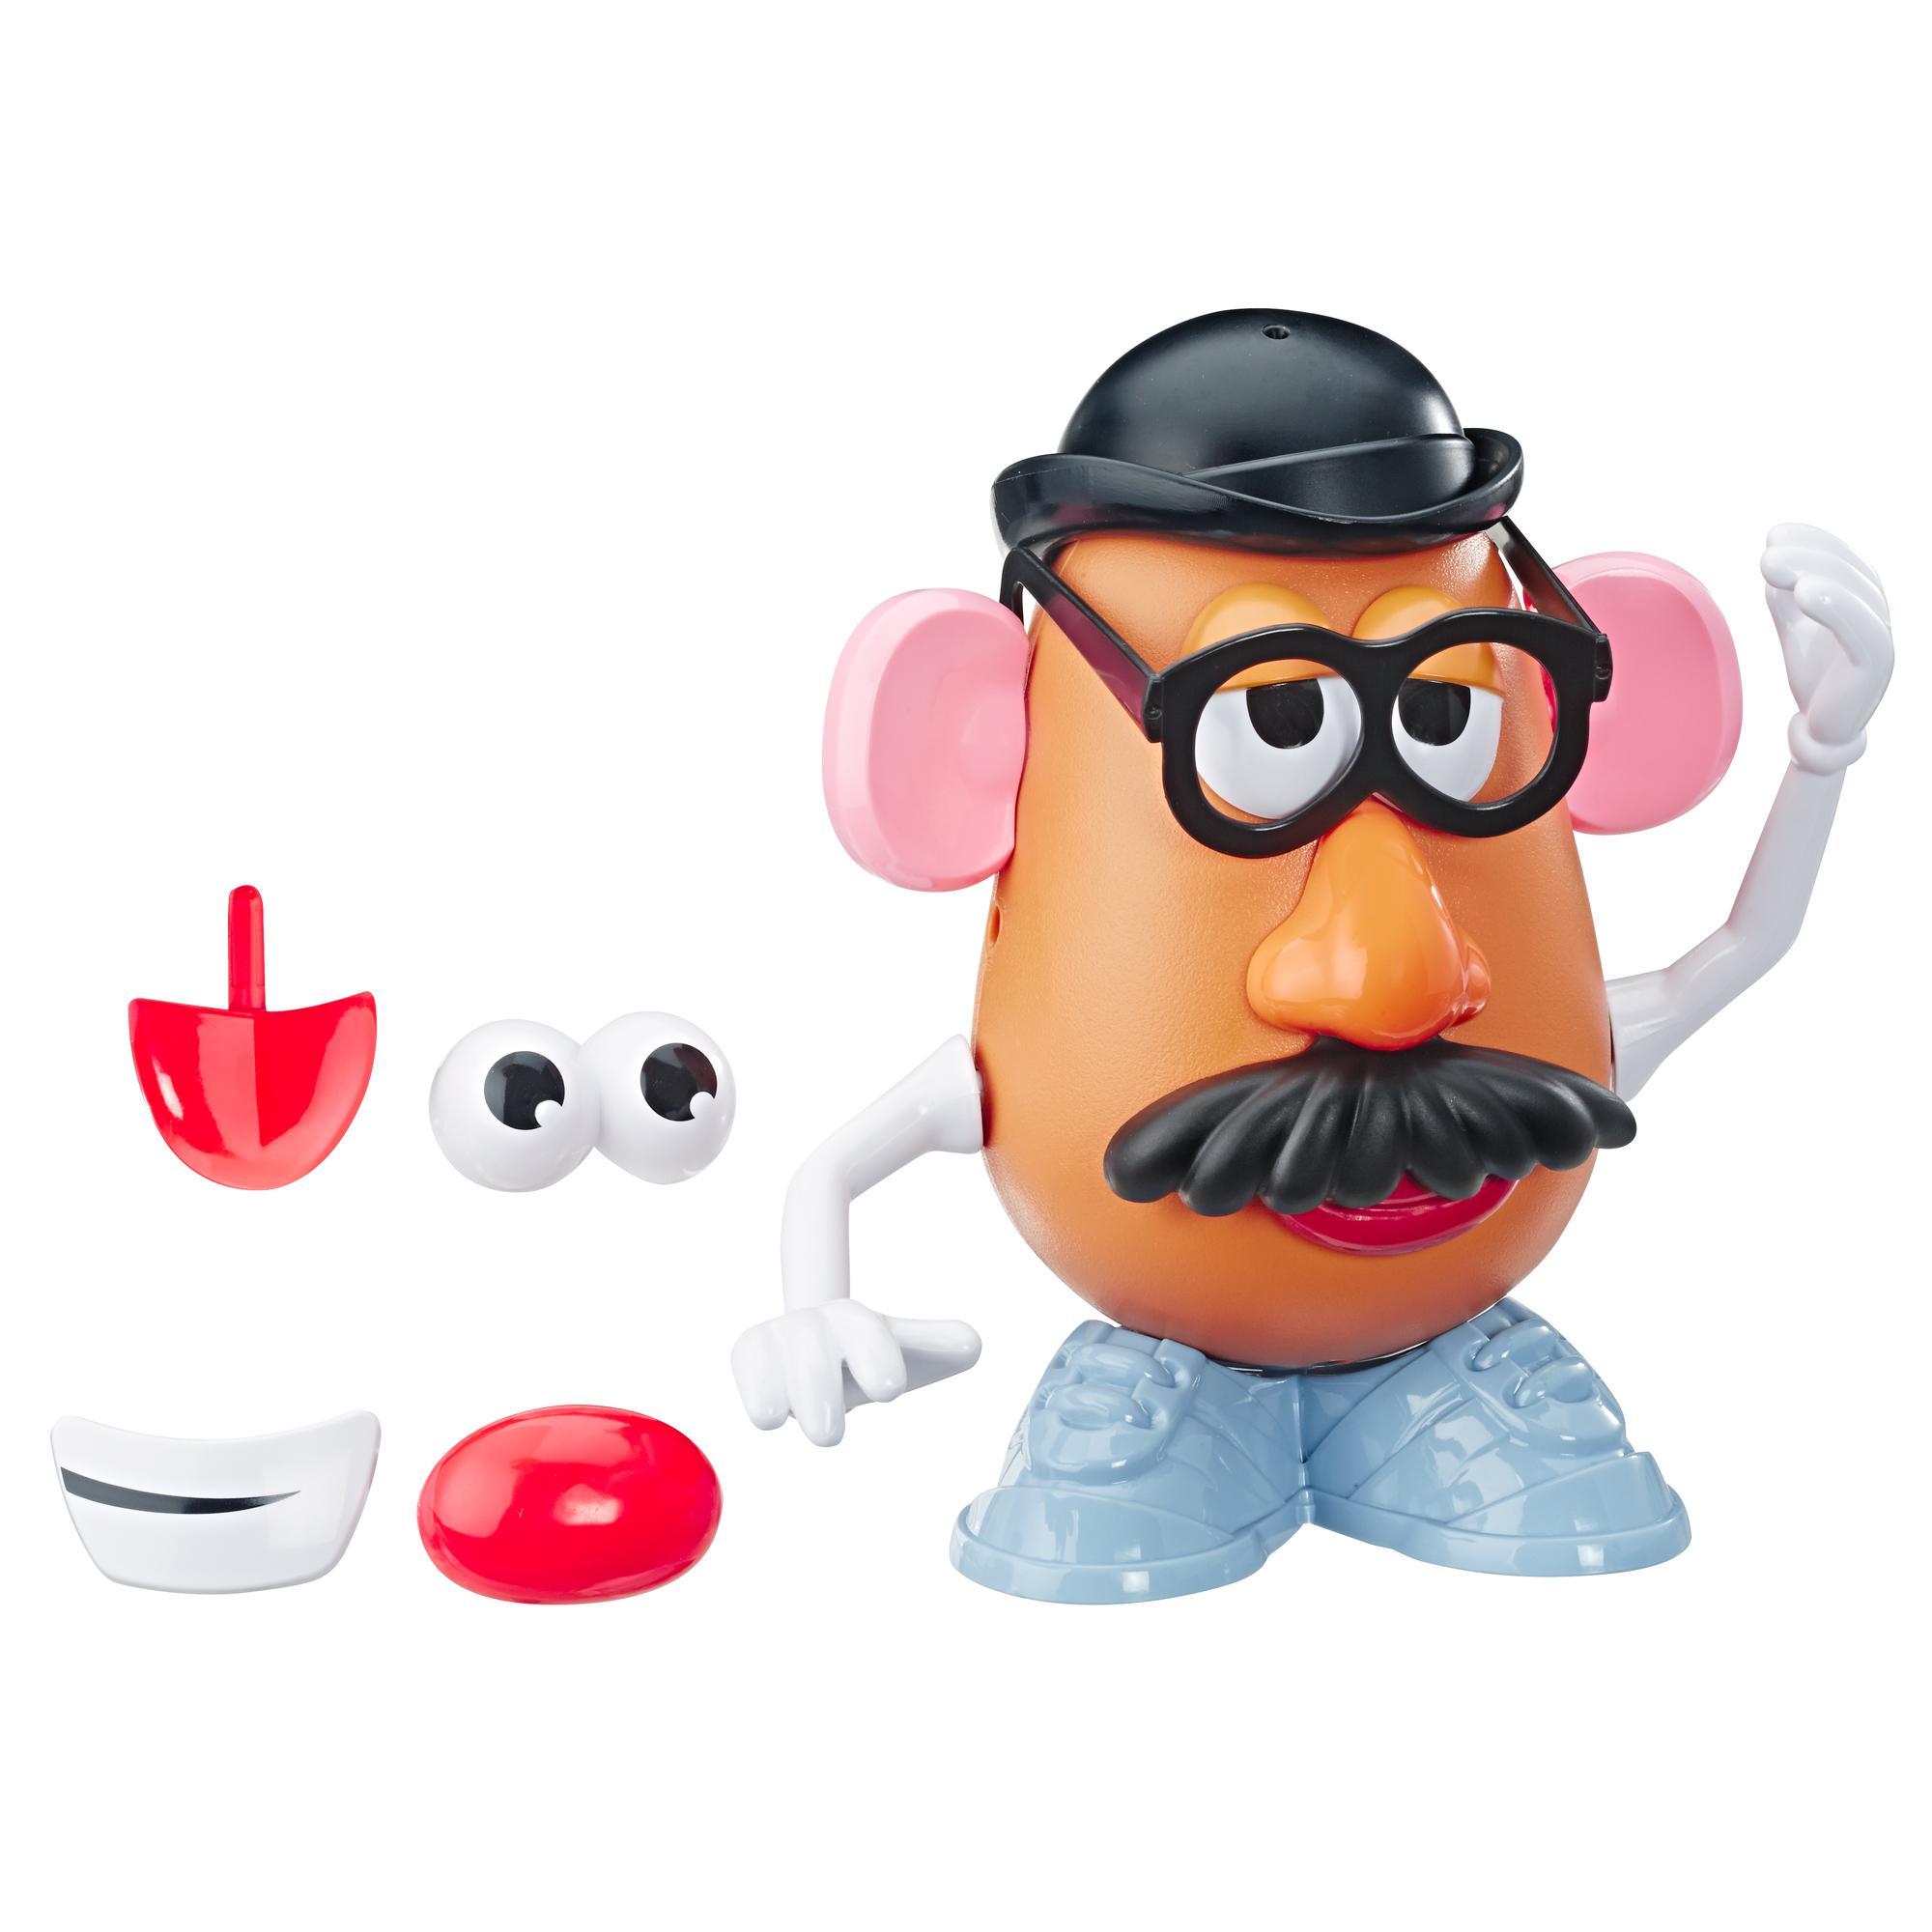 Toy Story 4 - Mr. Potato (Personaggio ispirato al film)